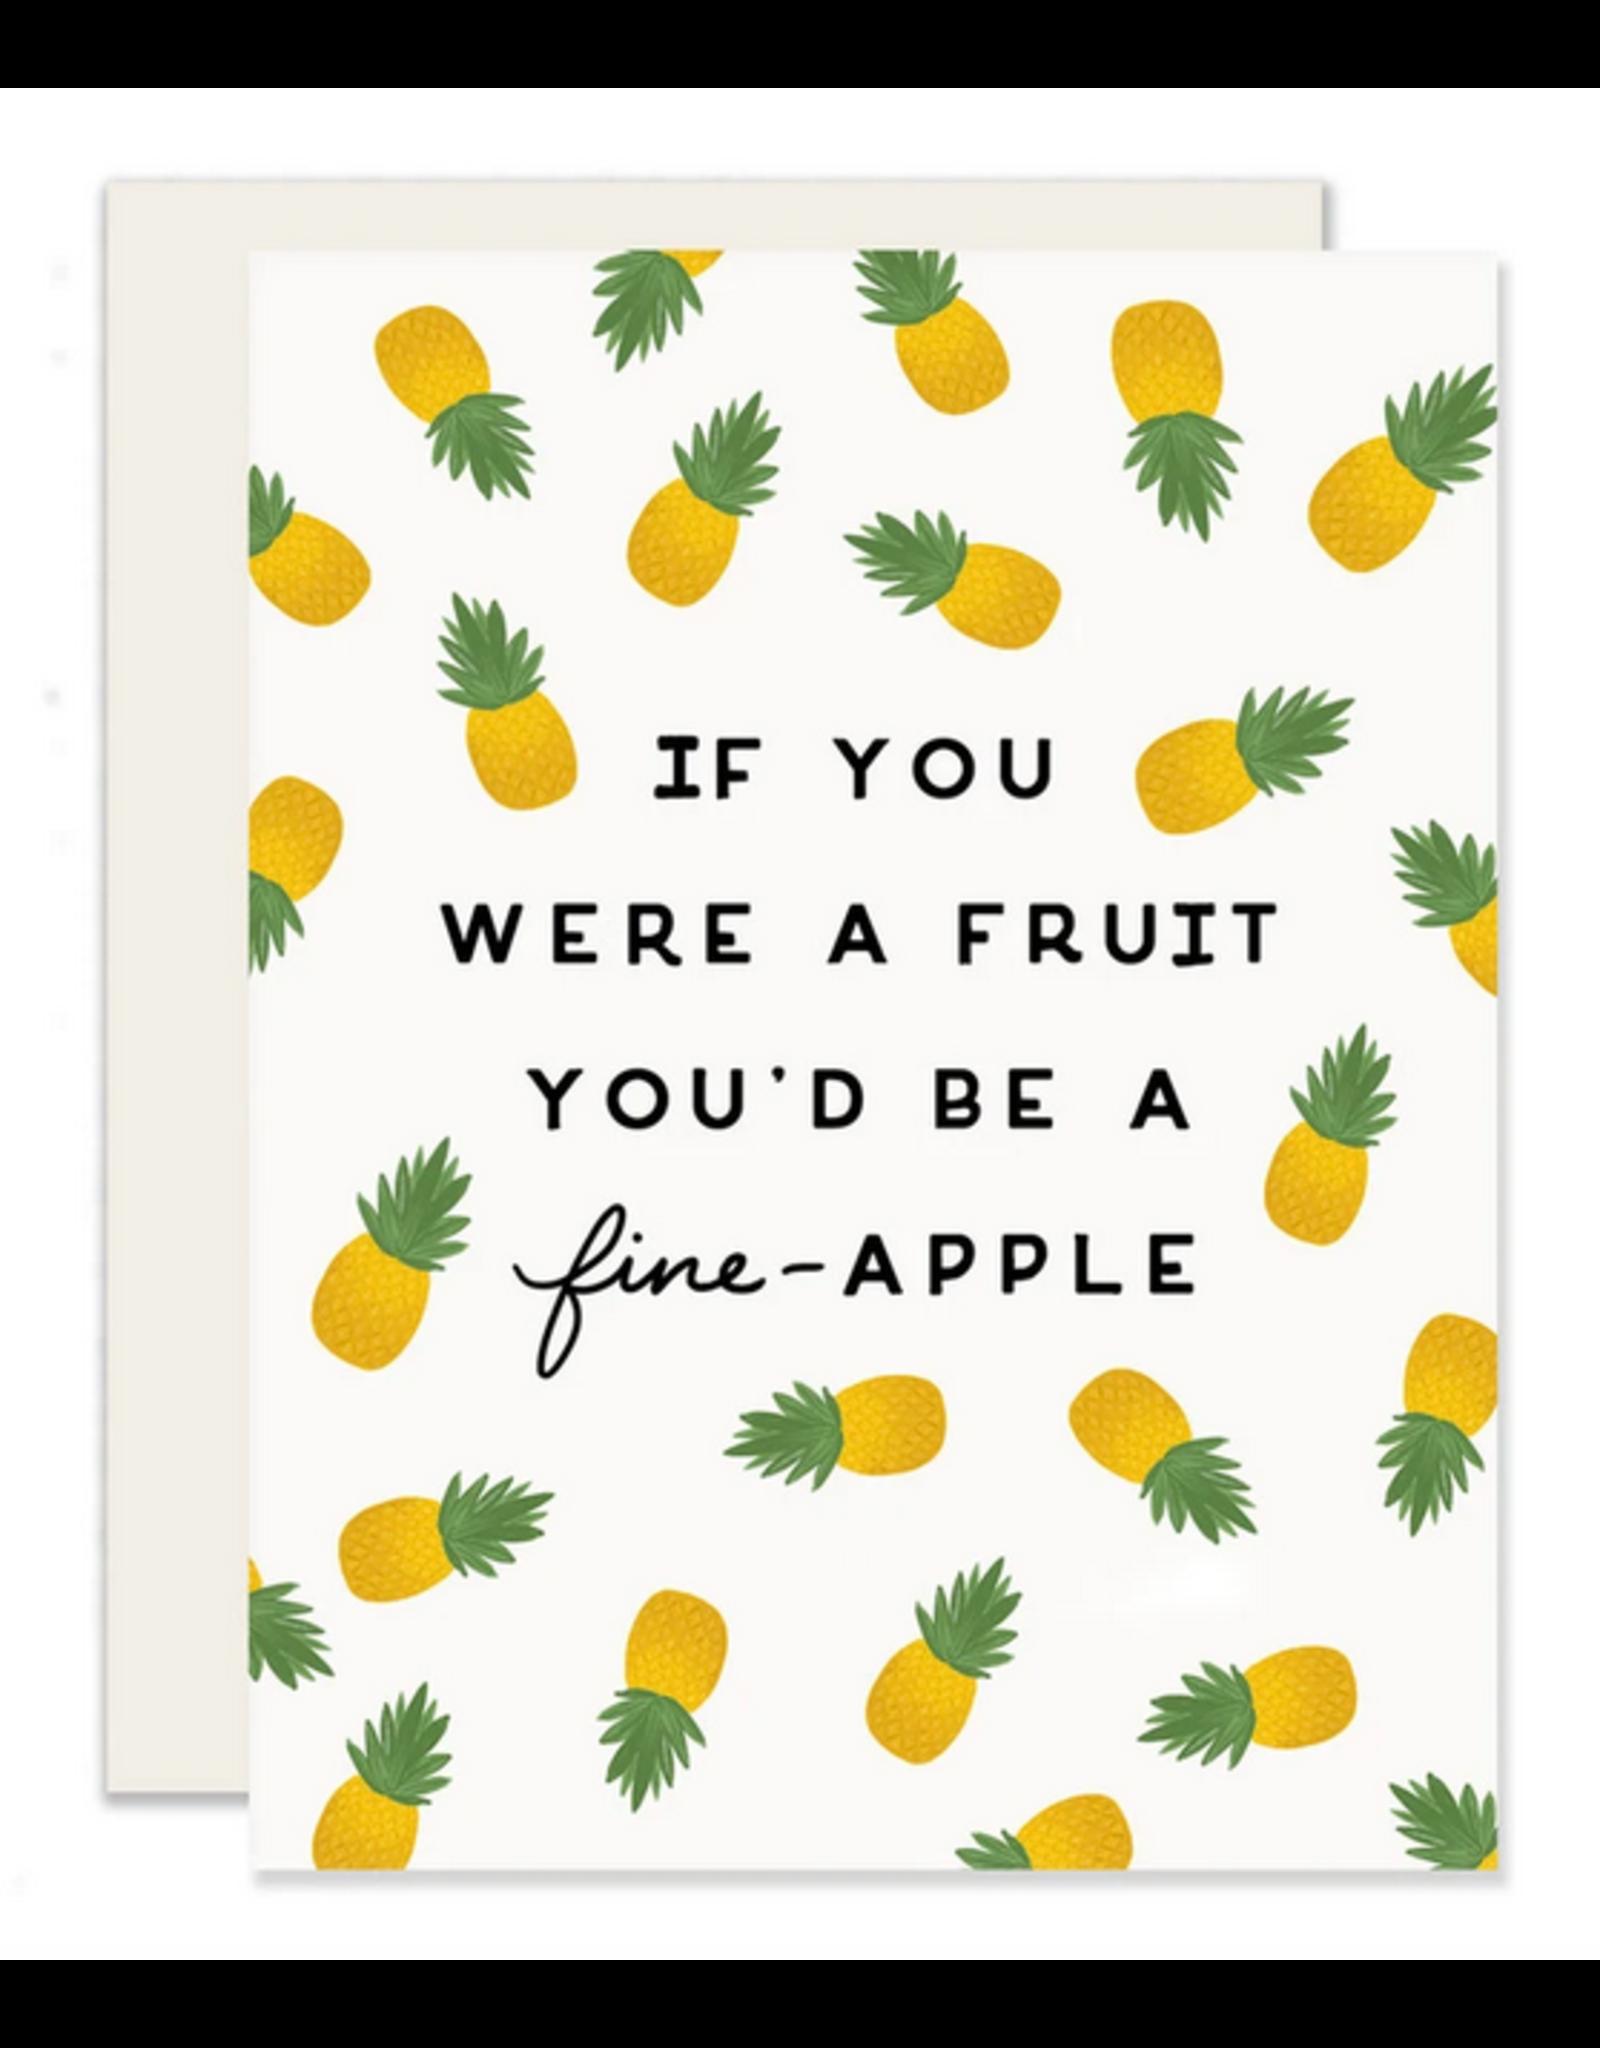 Fine-Apple Card